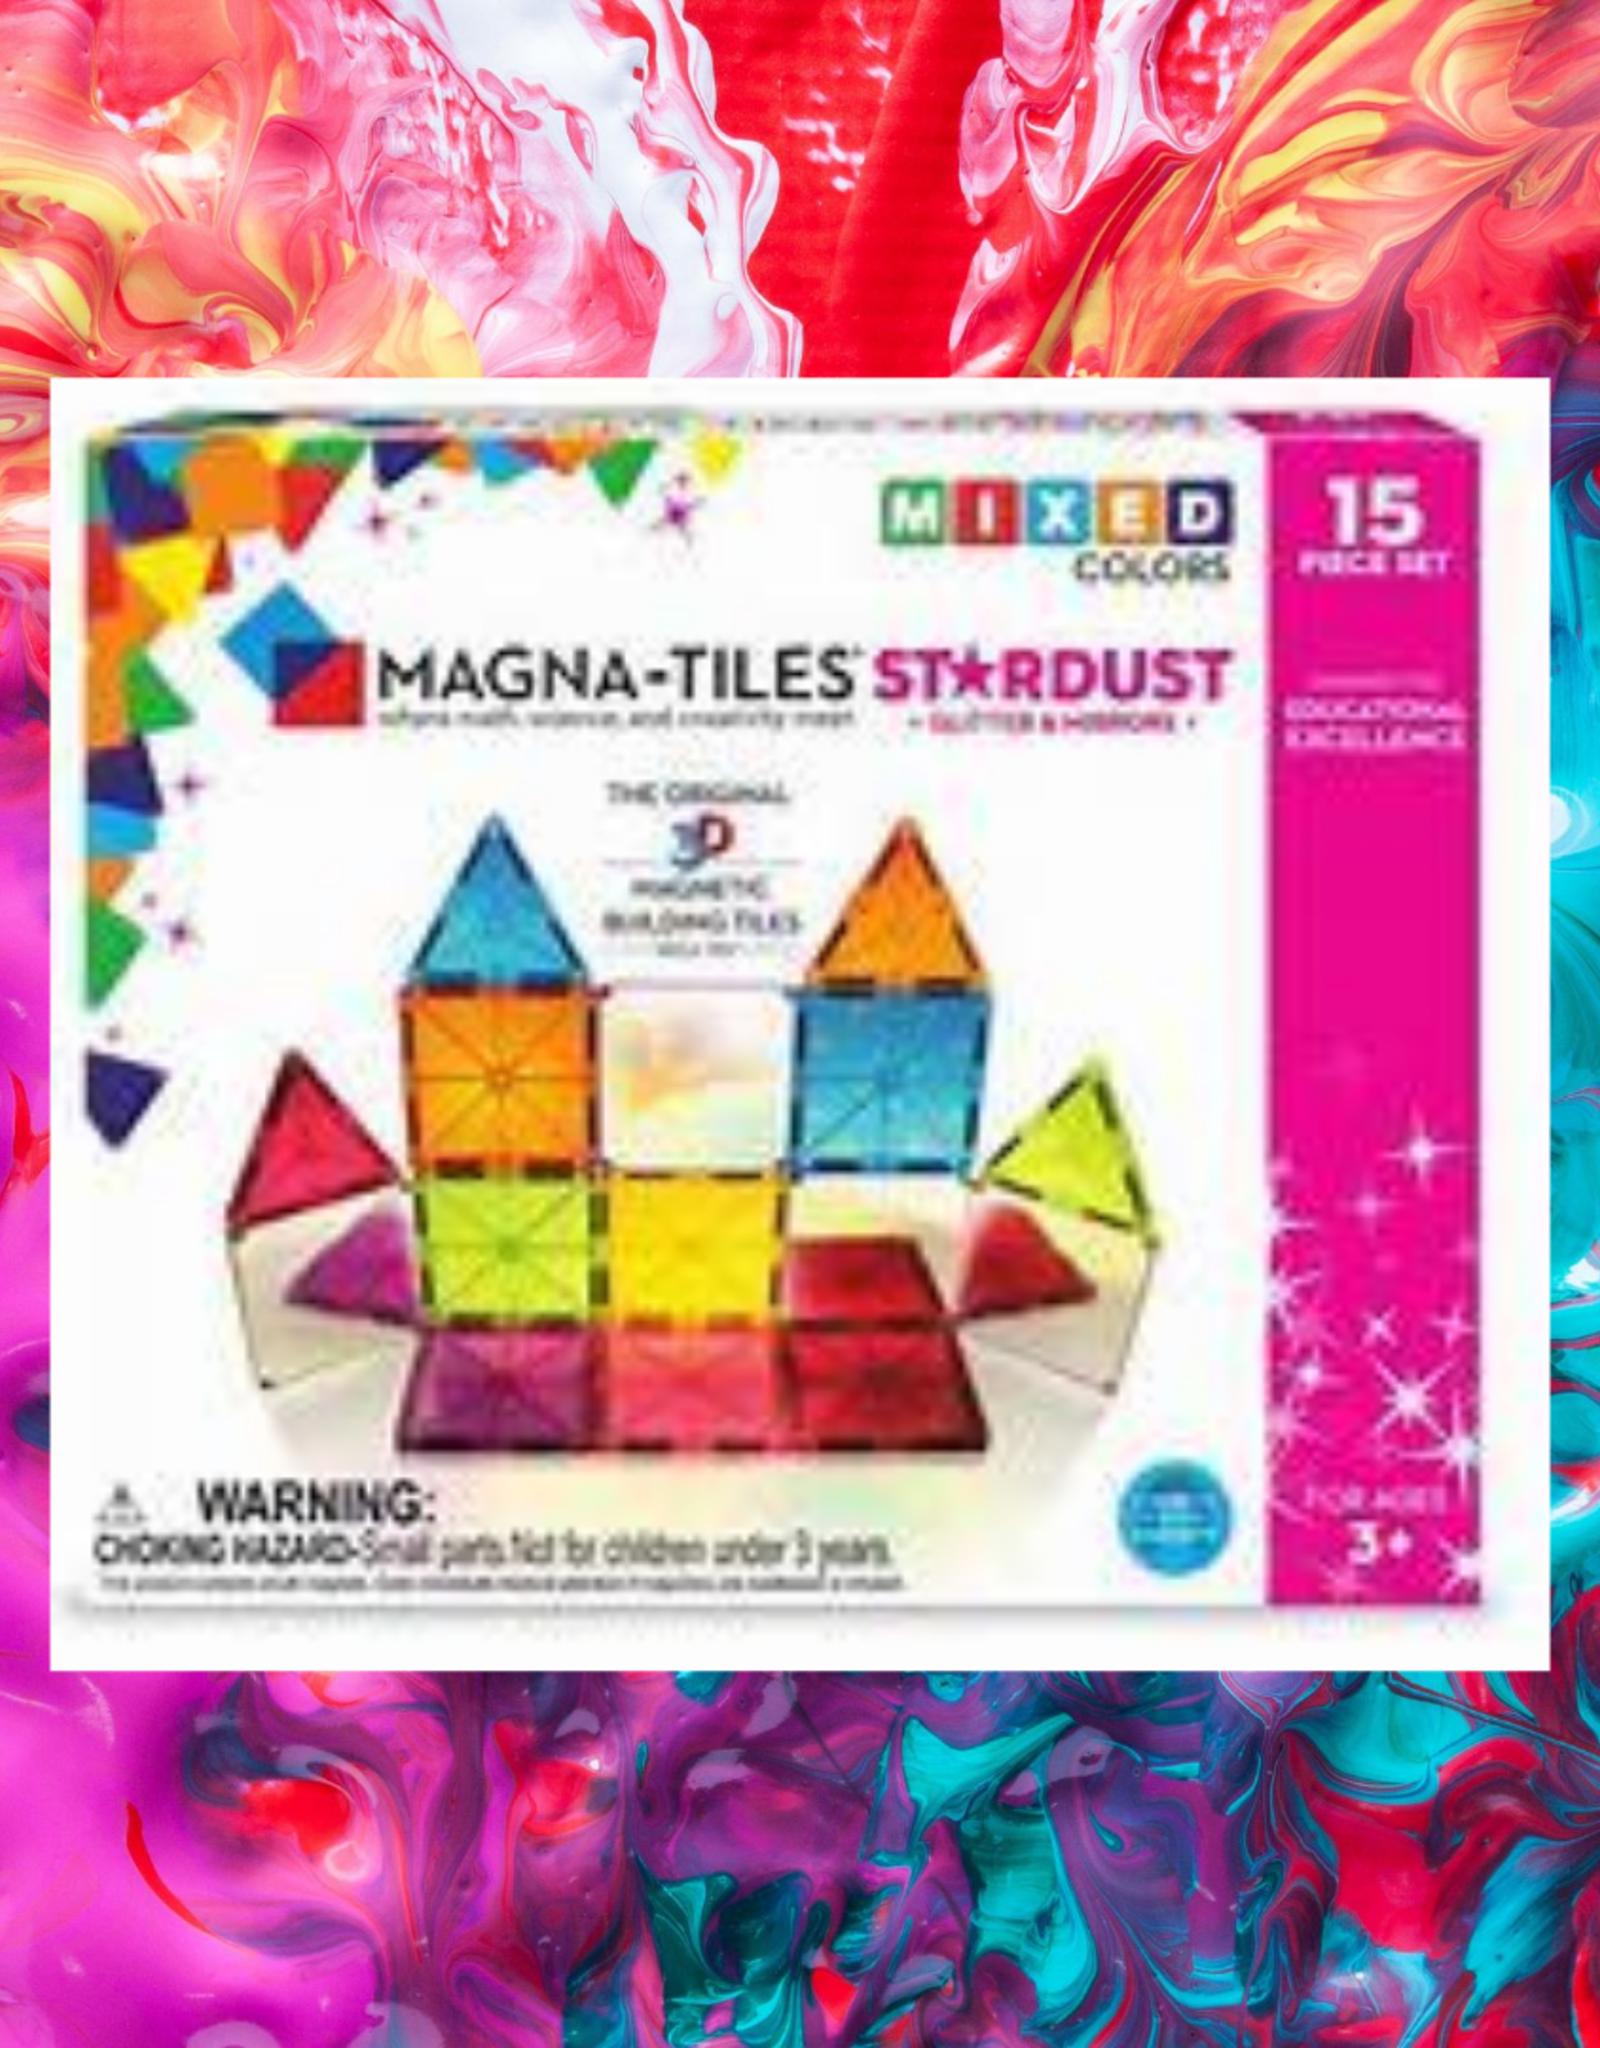 3D MAGNETIC BUILDING STARDUST MAGNA TILES 15 PC